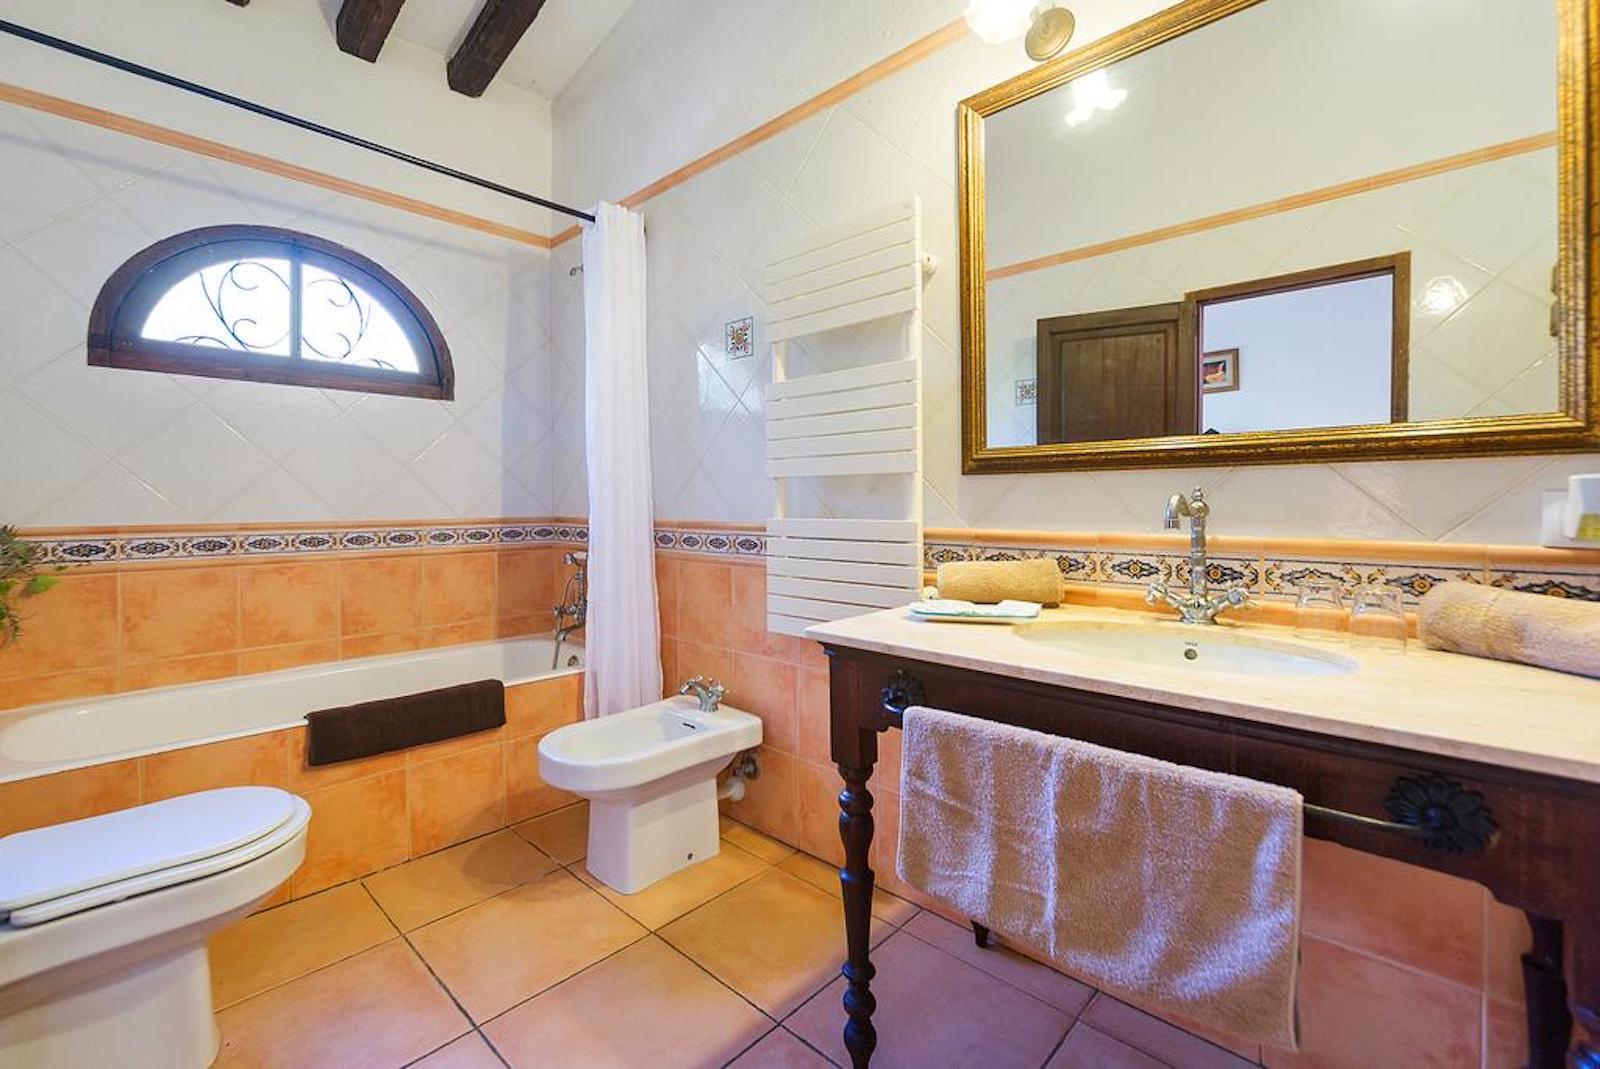 ISLA-Travel-Finca-Hotel-Mallorca-Bad Suite